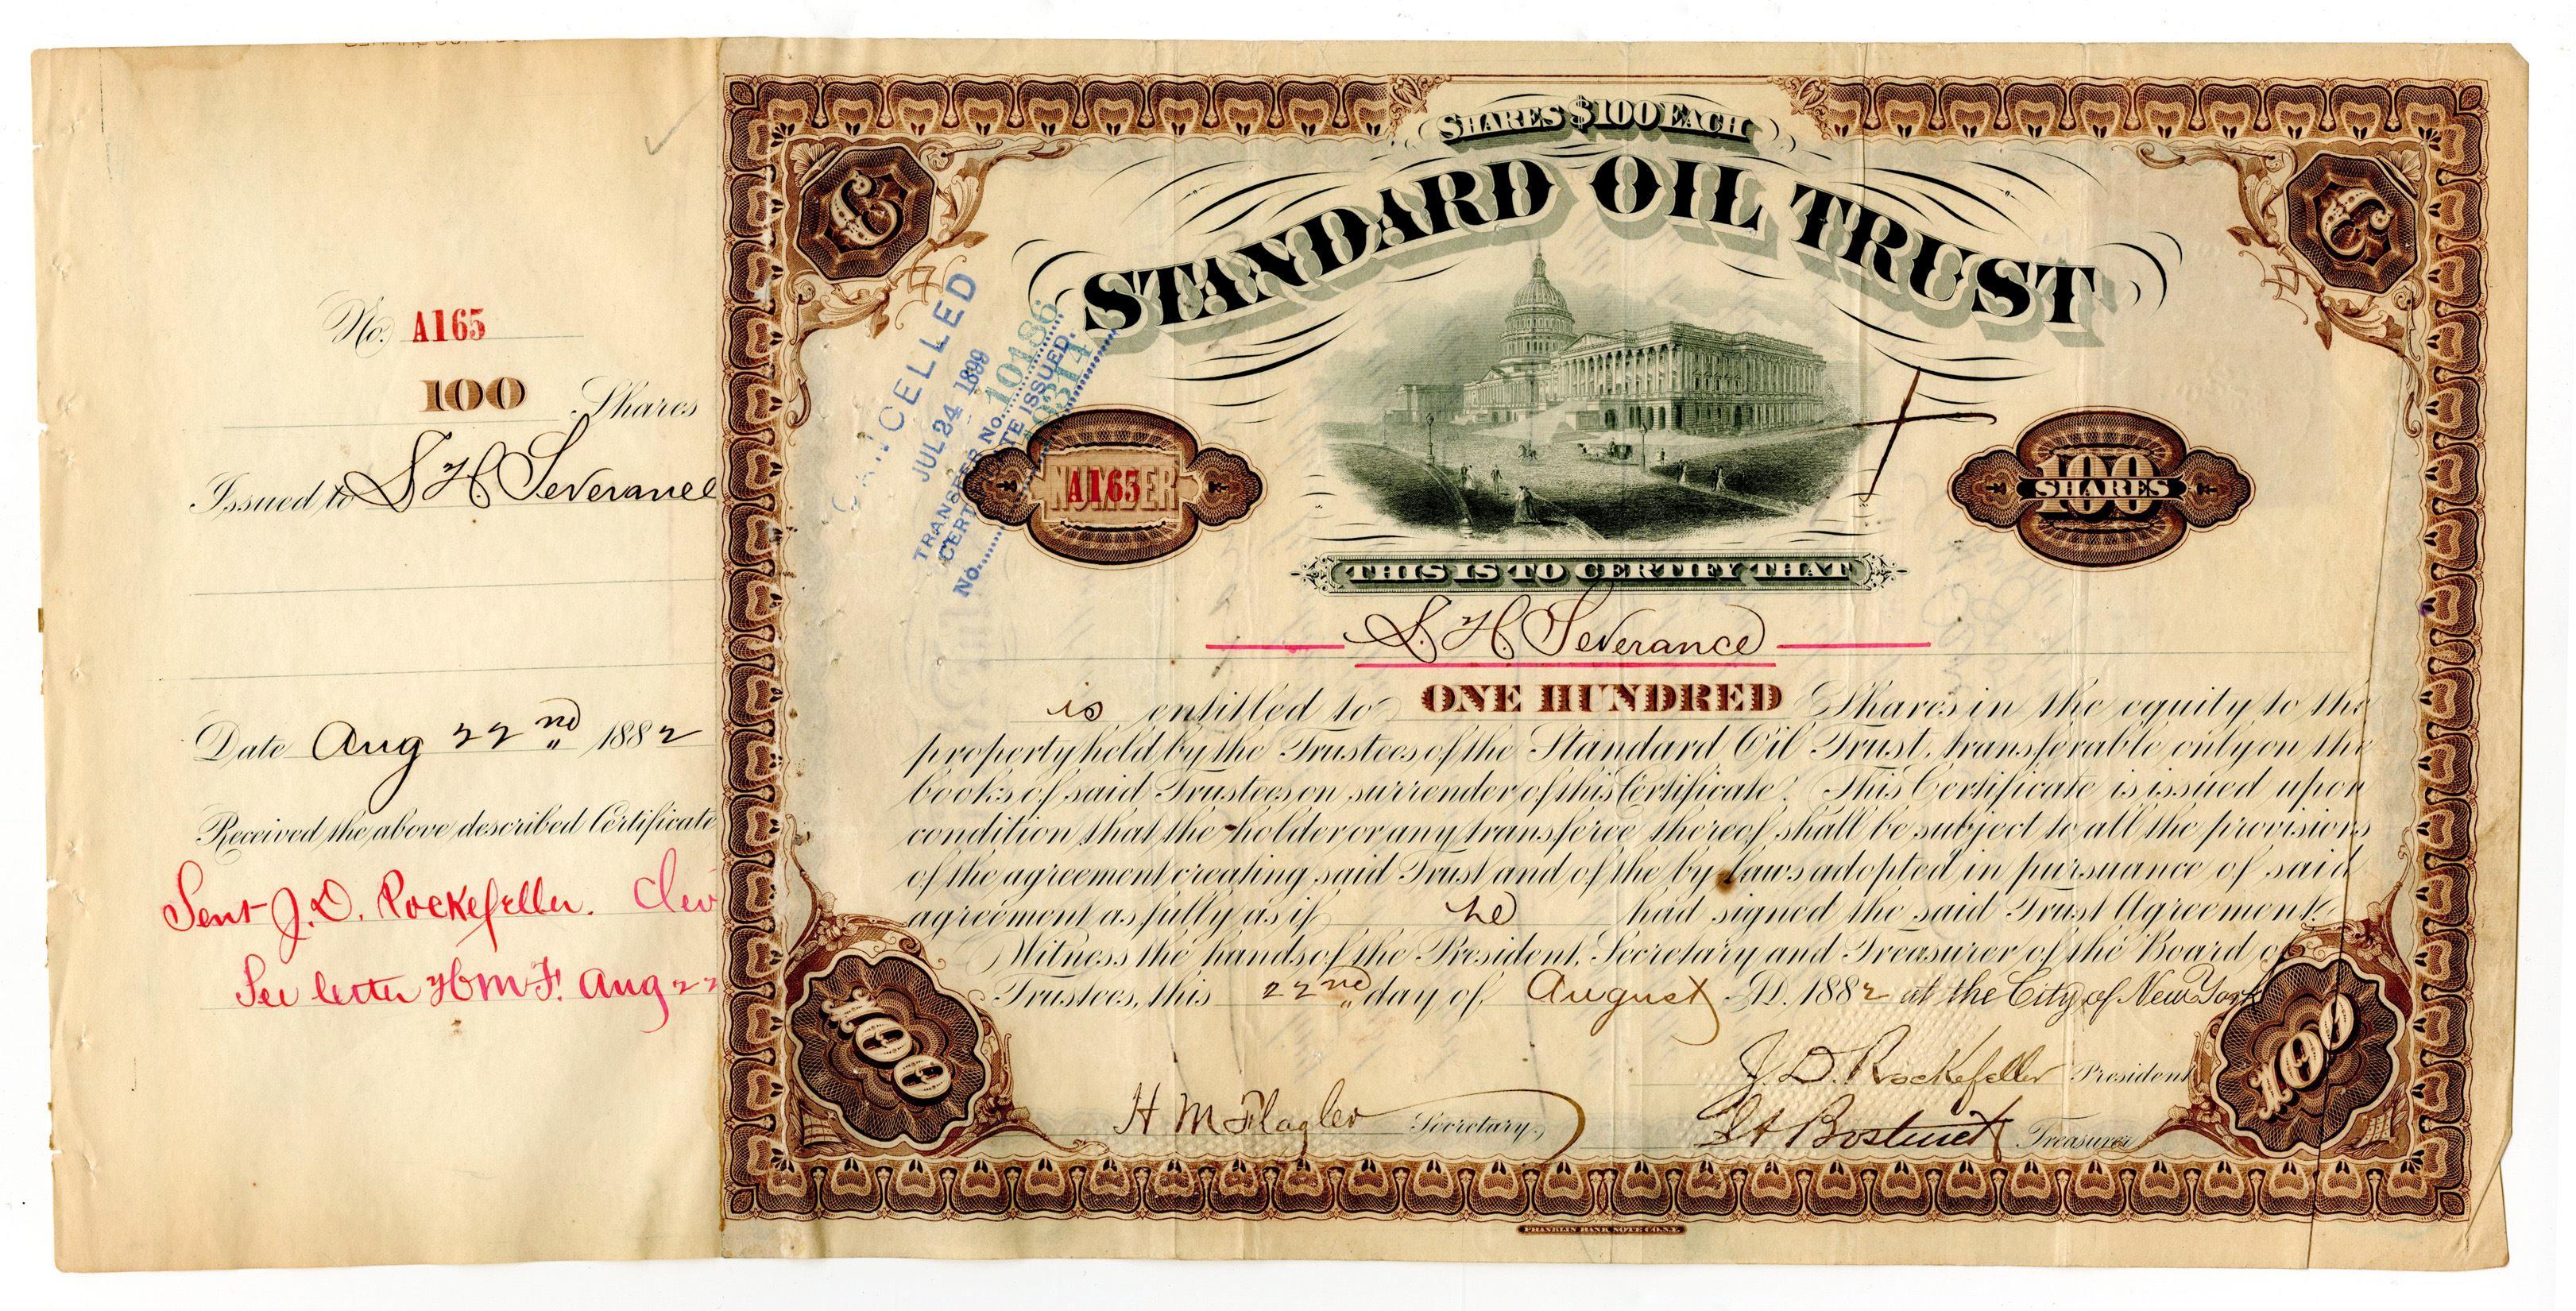 John D. Rockefeller & Henry M. Flagler Signed Standard Oil Stock Certificate